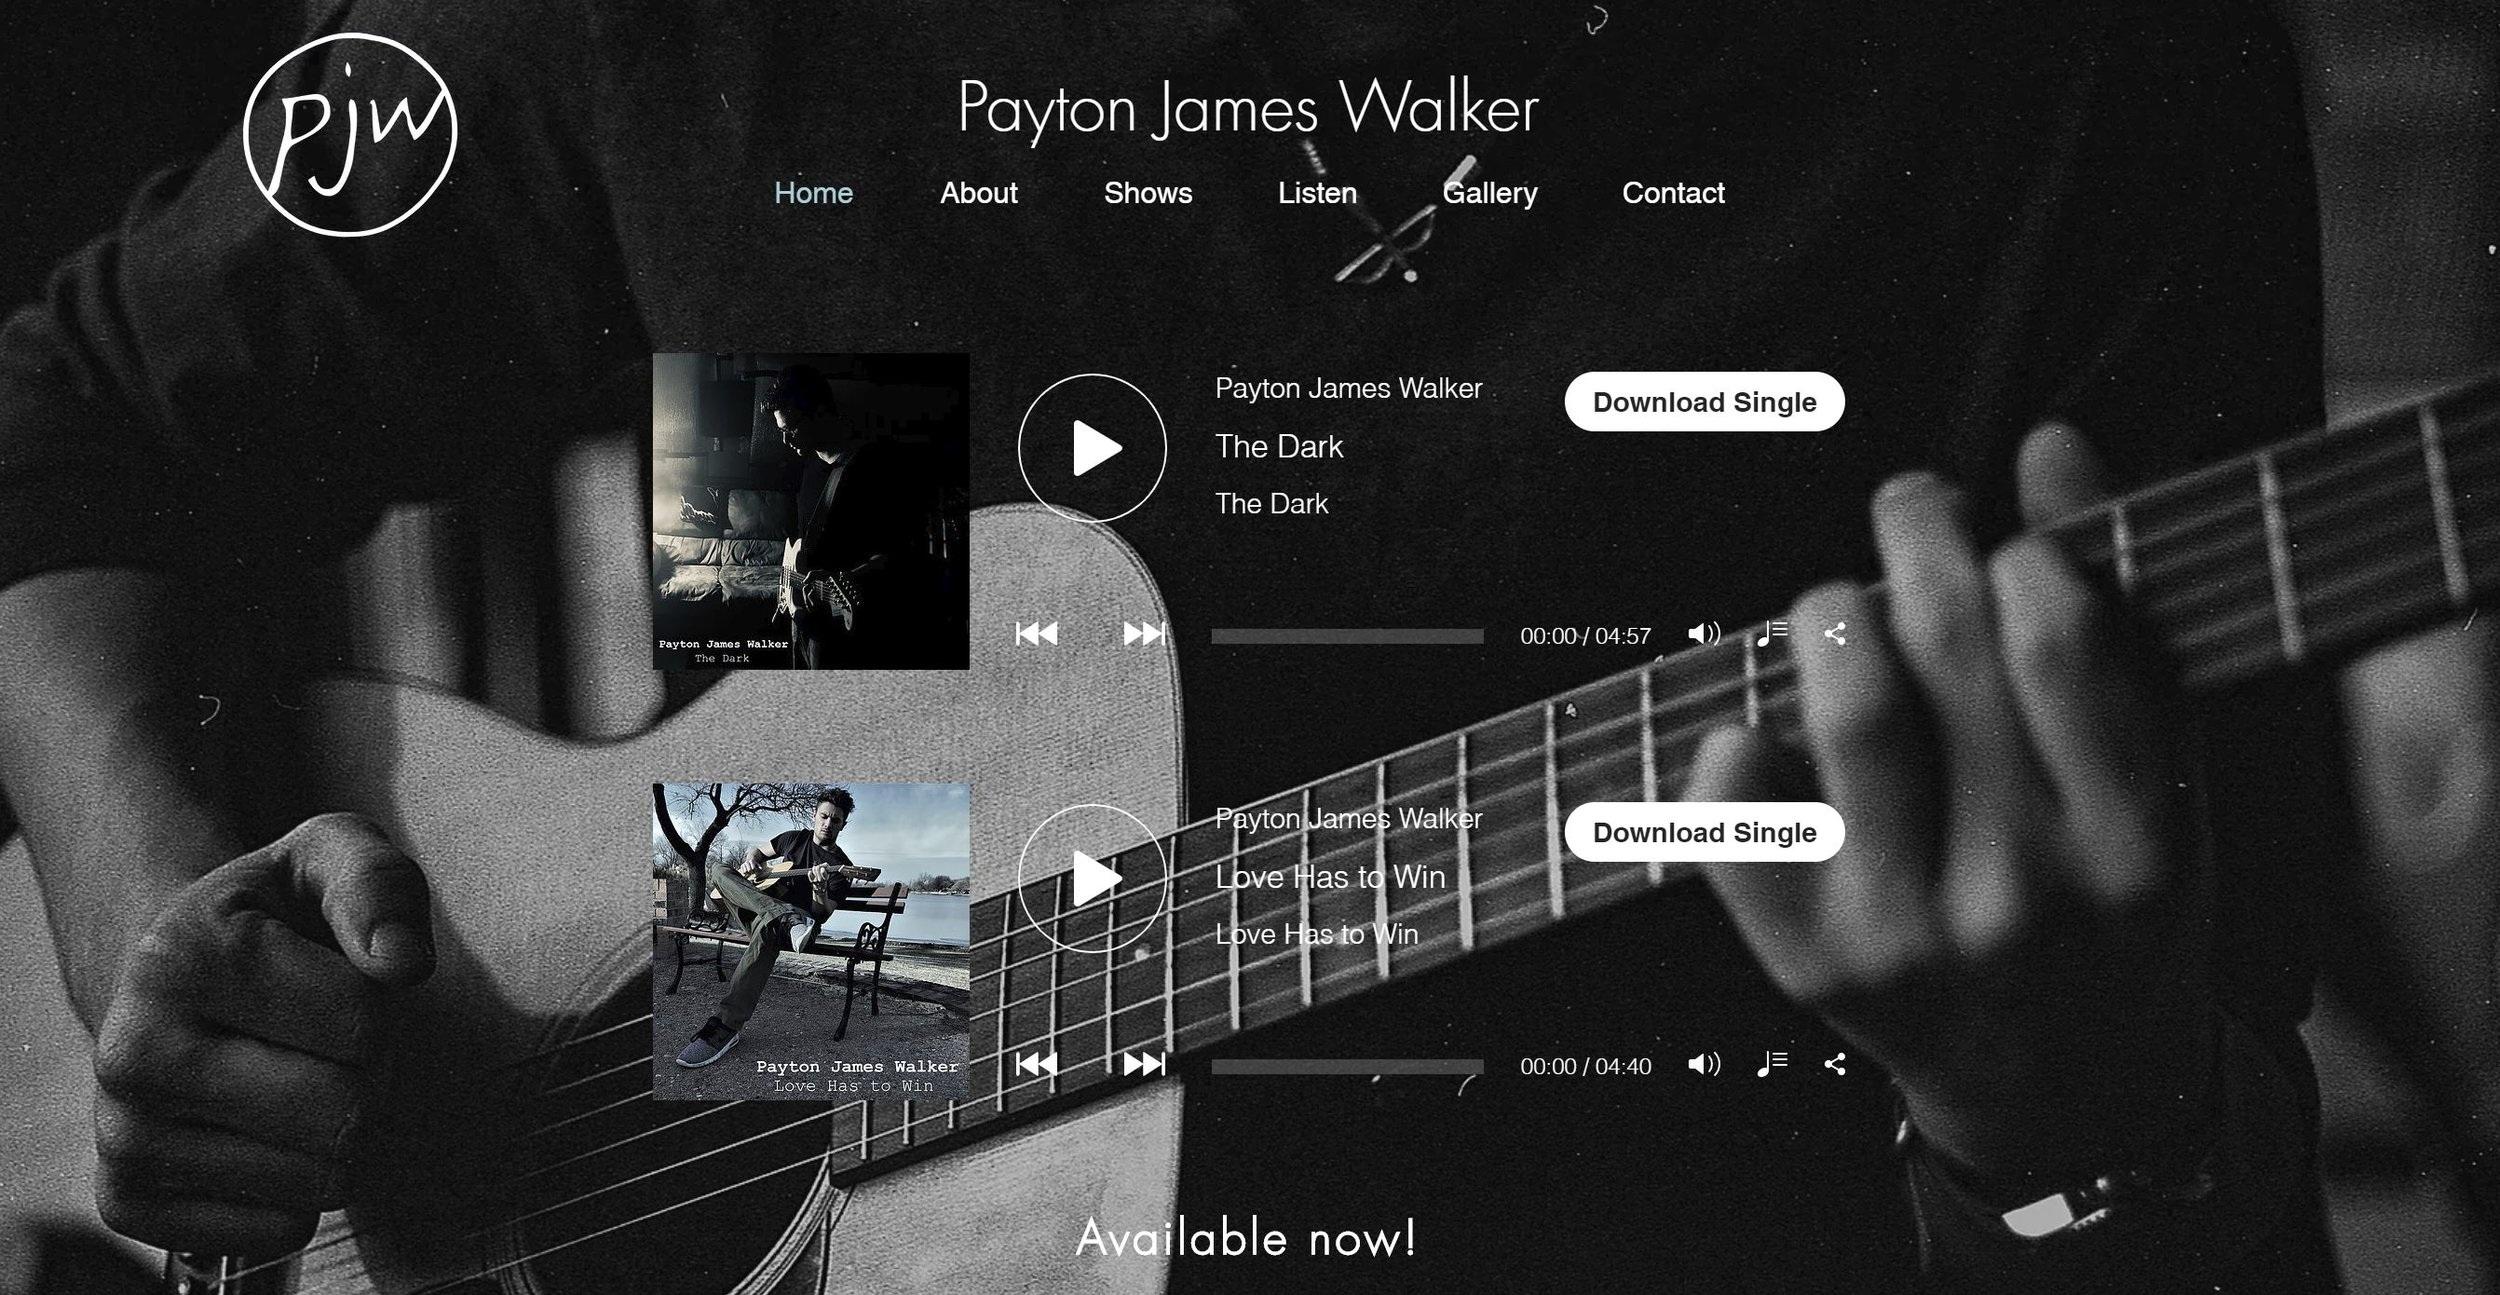 Website design for Payton James Walker